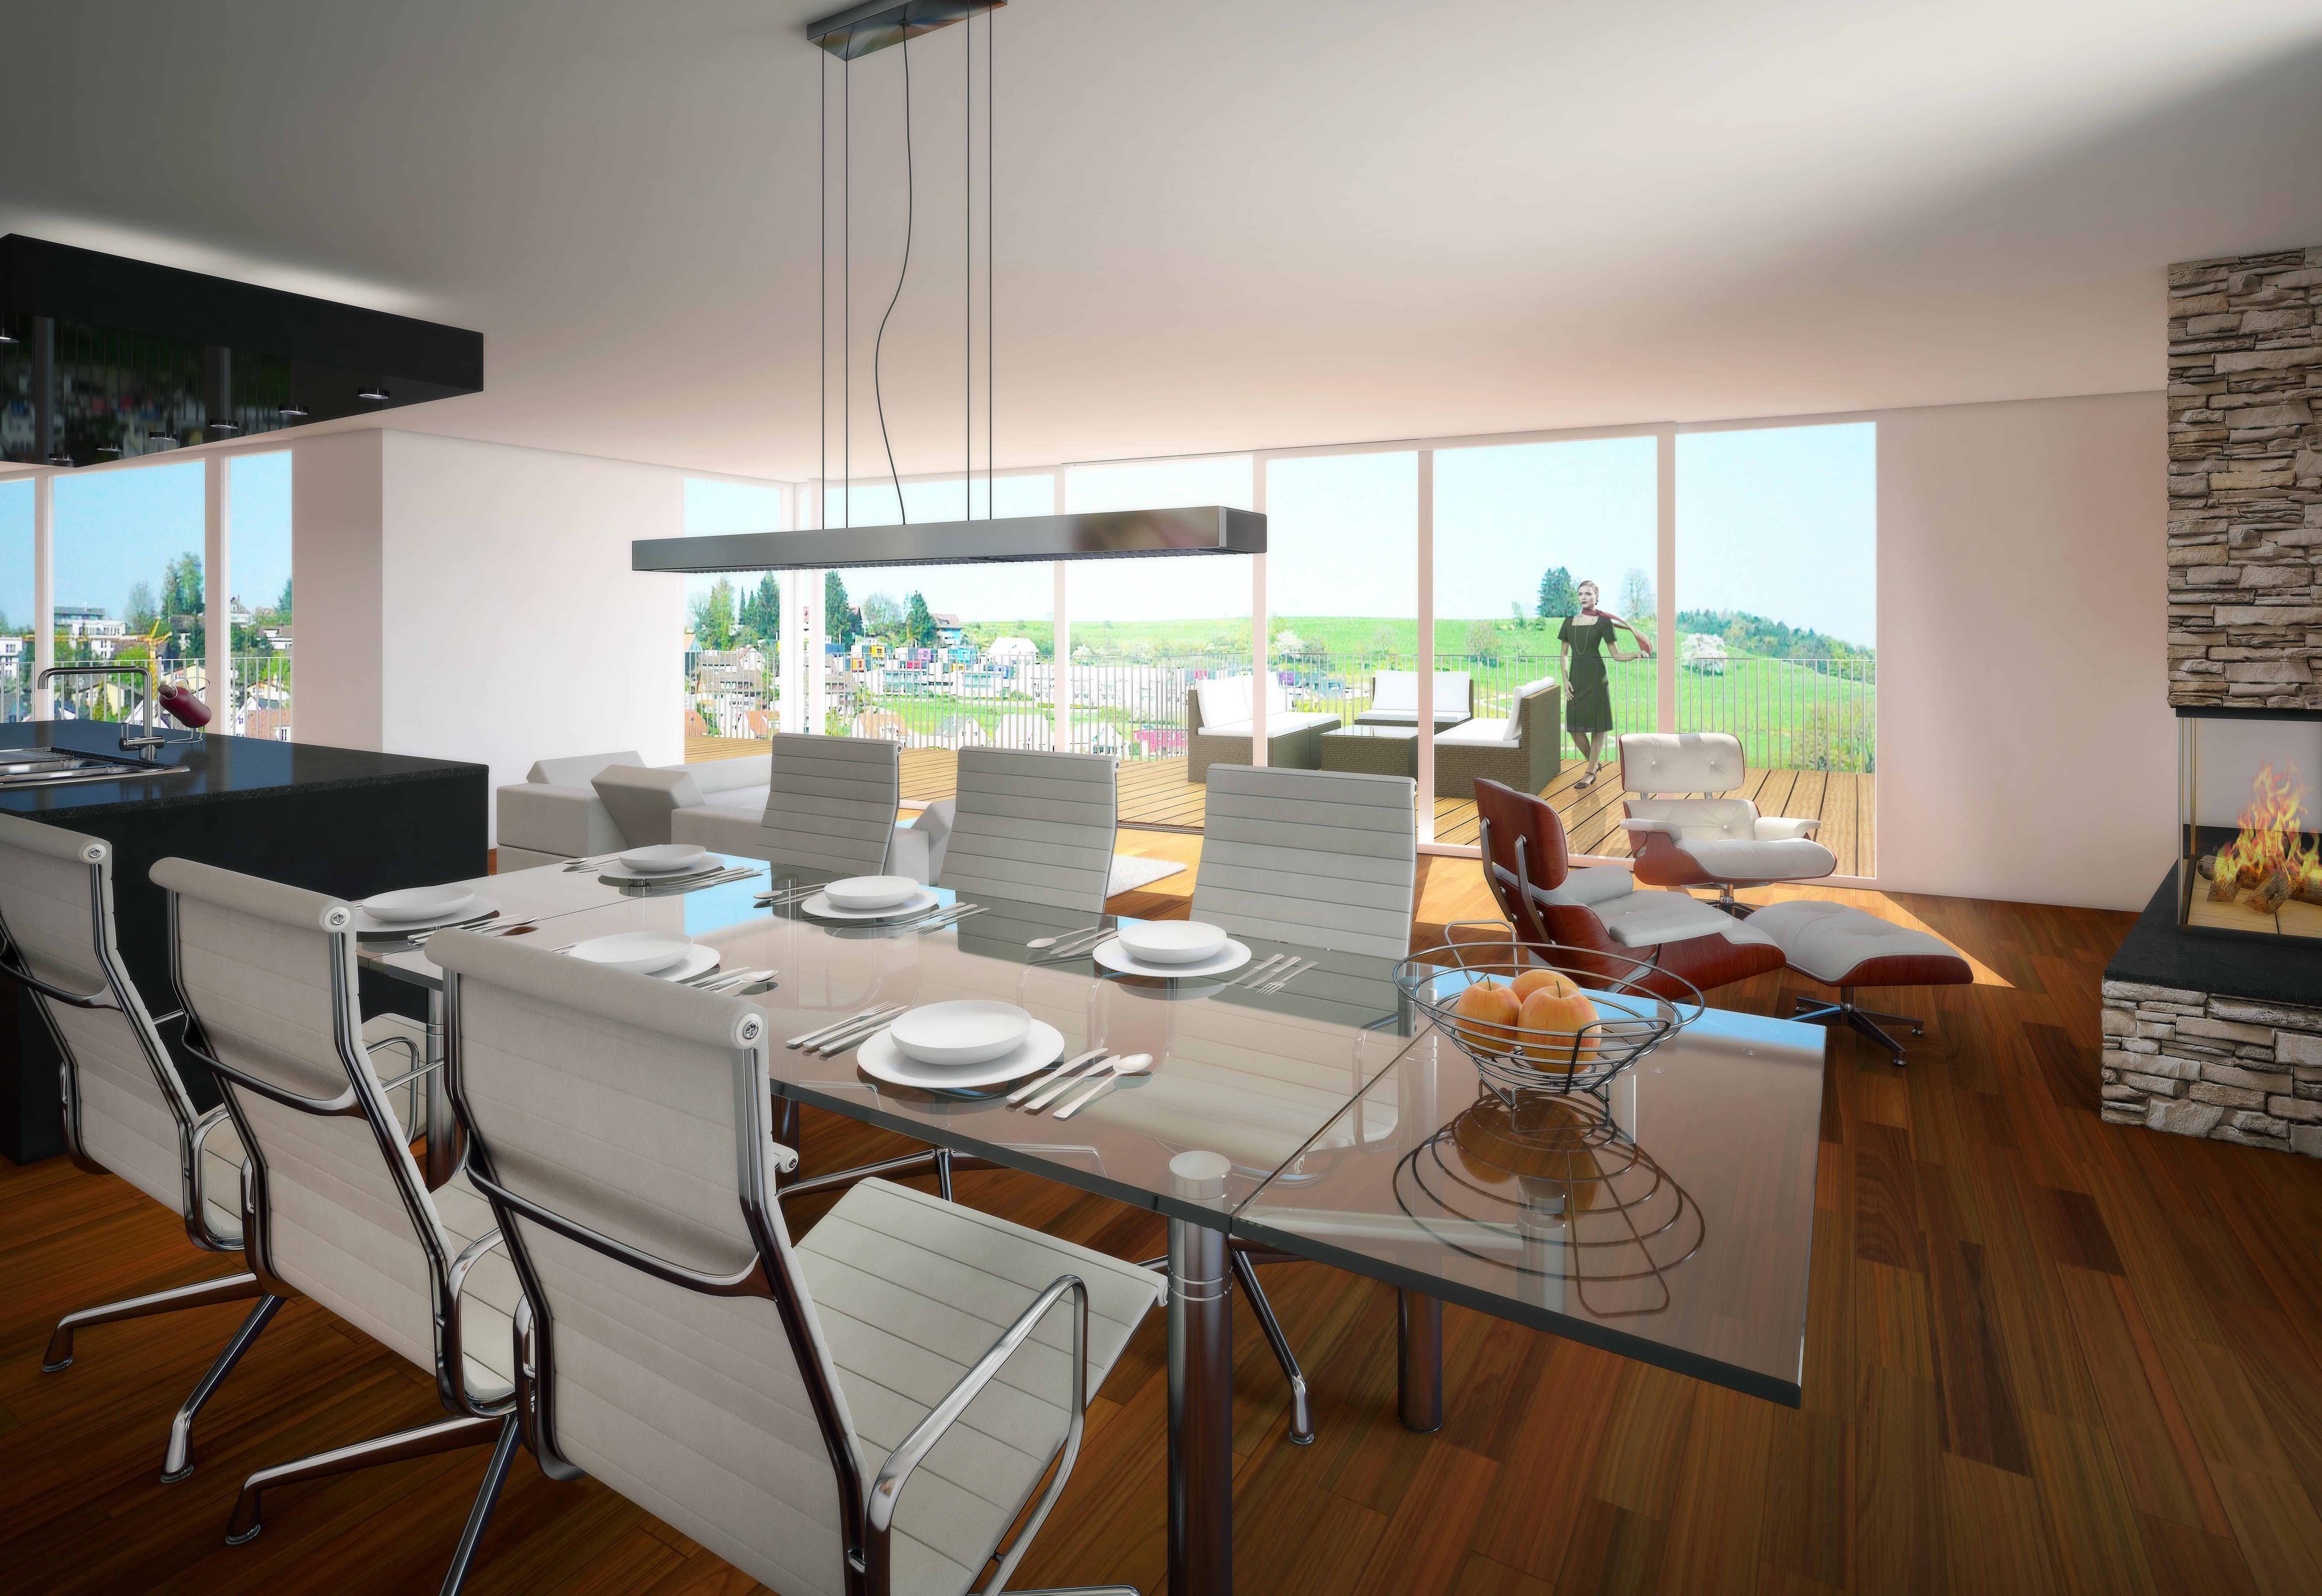 Fotos gratis paisaje arquitectura interior edificio for Arquitectura de interiores